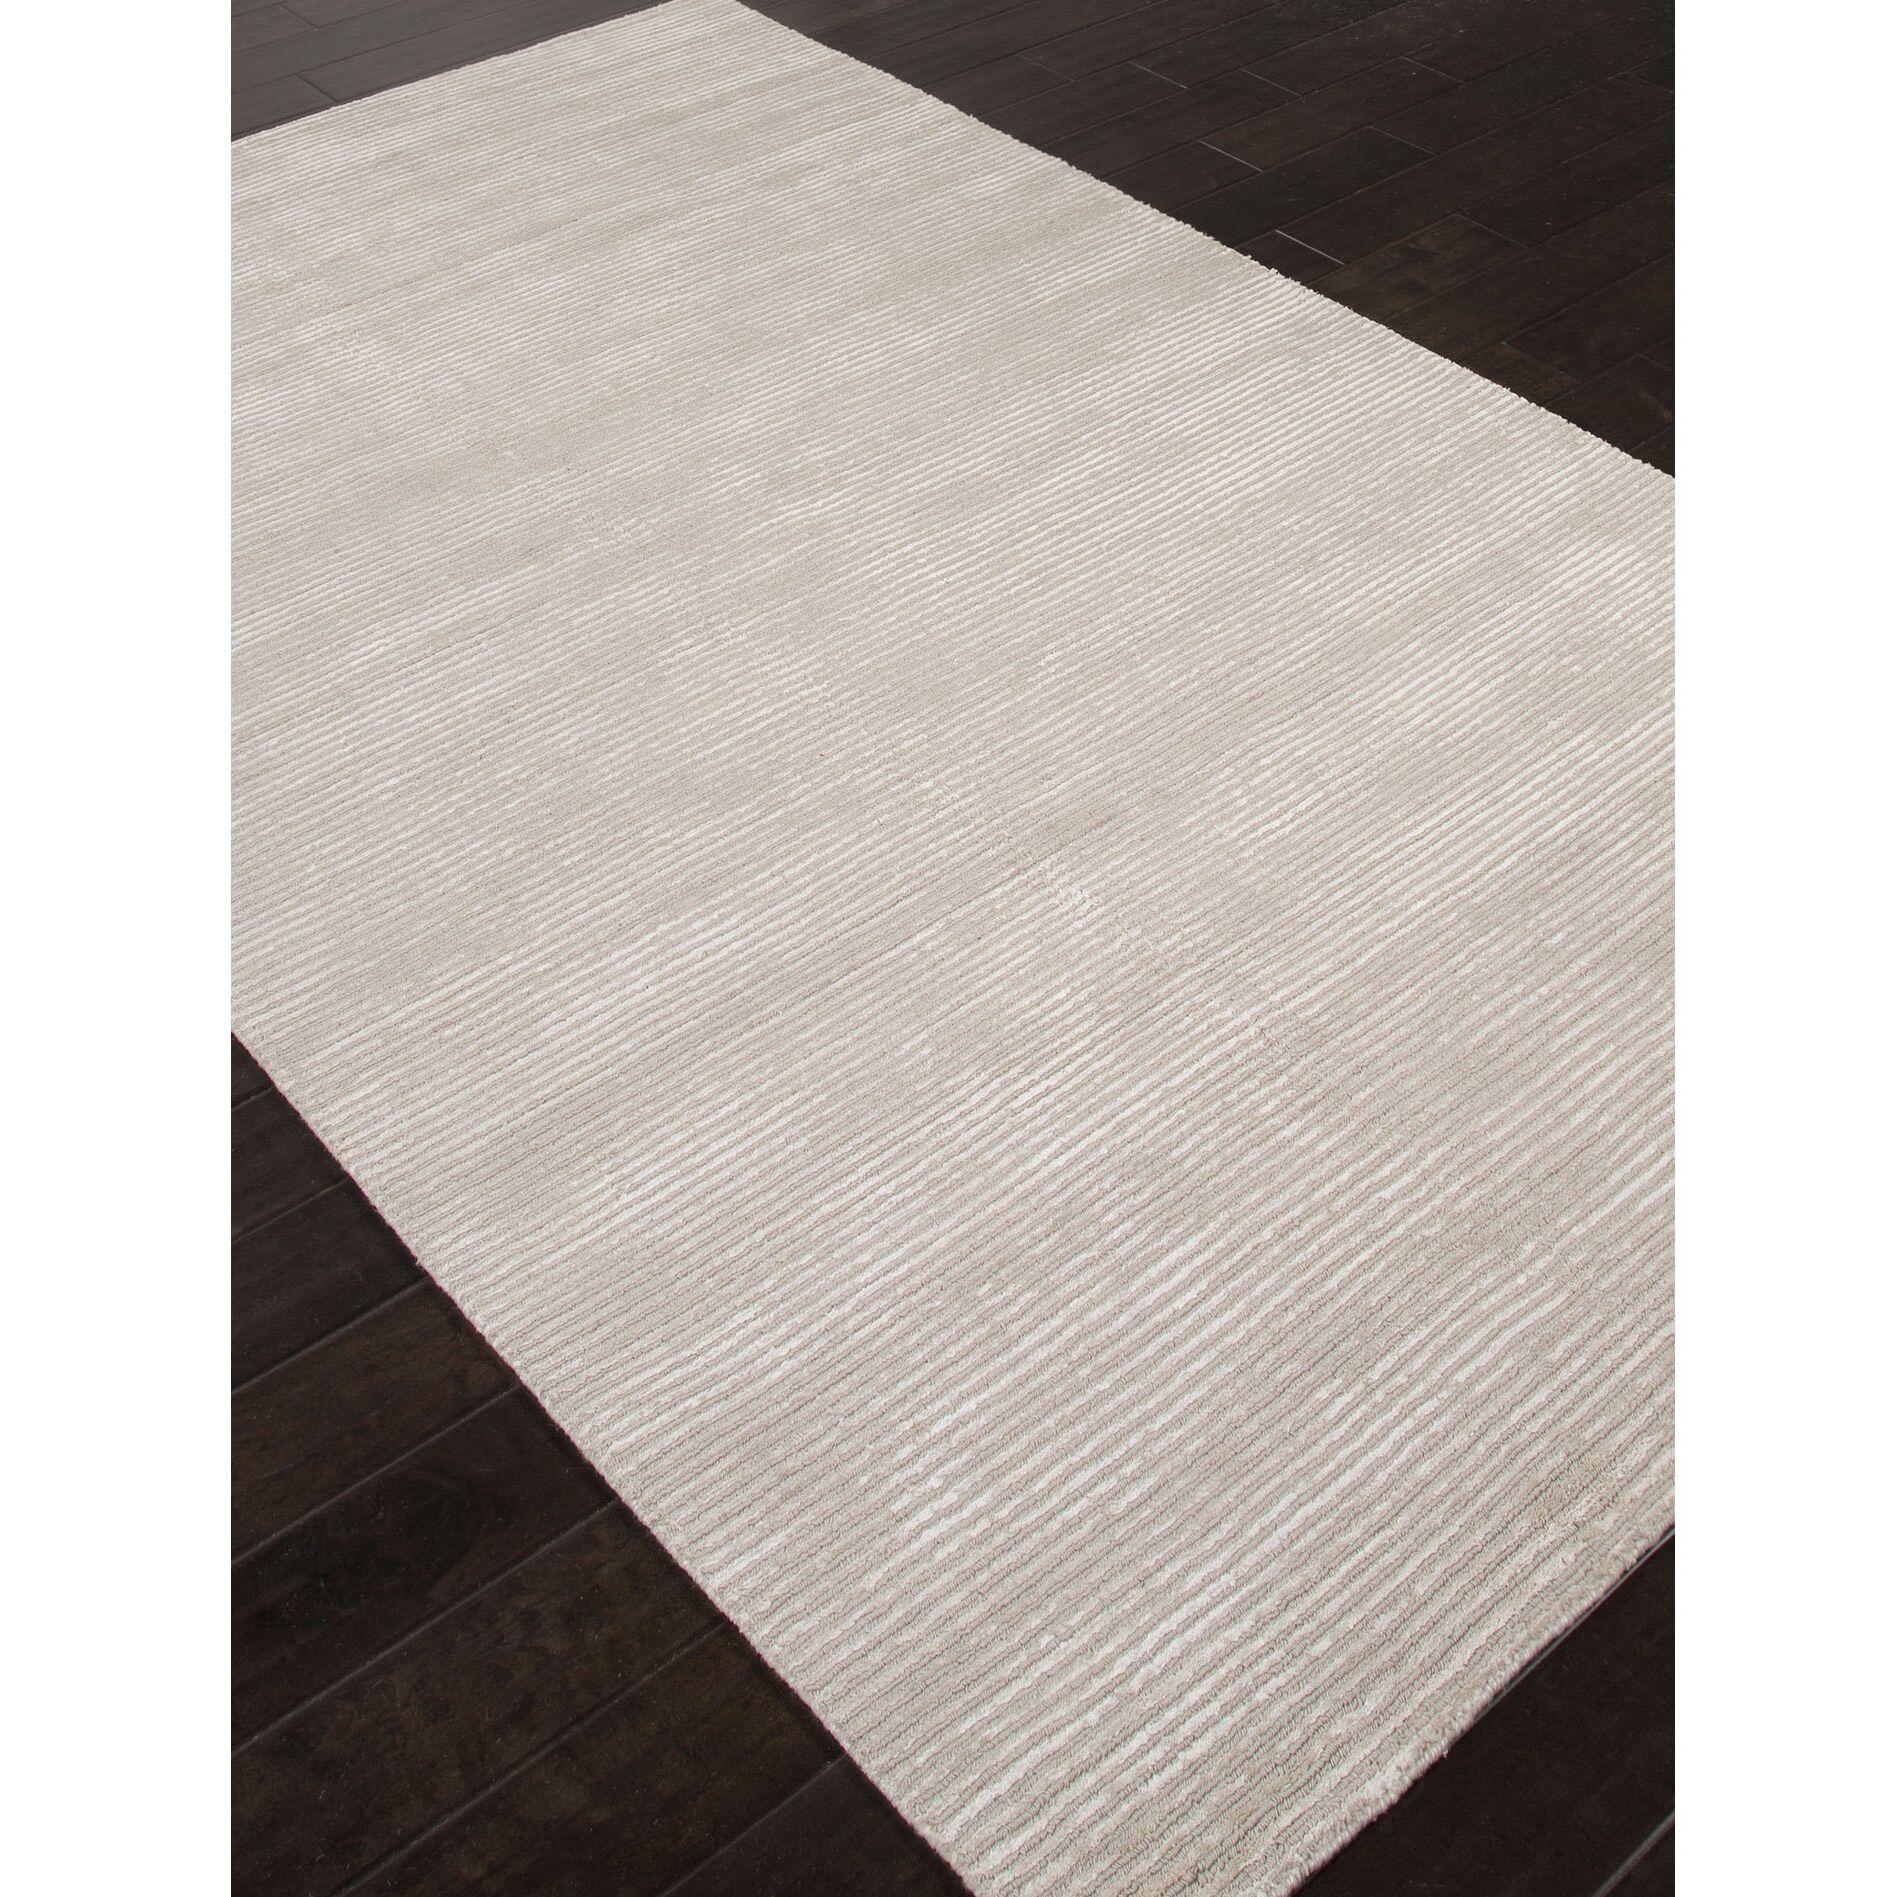 Unadilla Hand-Loomed Gray Area Rug